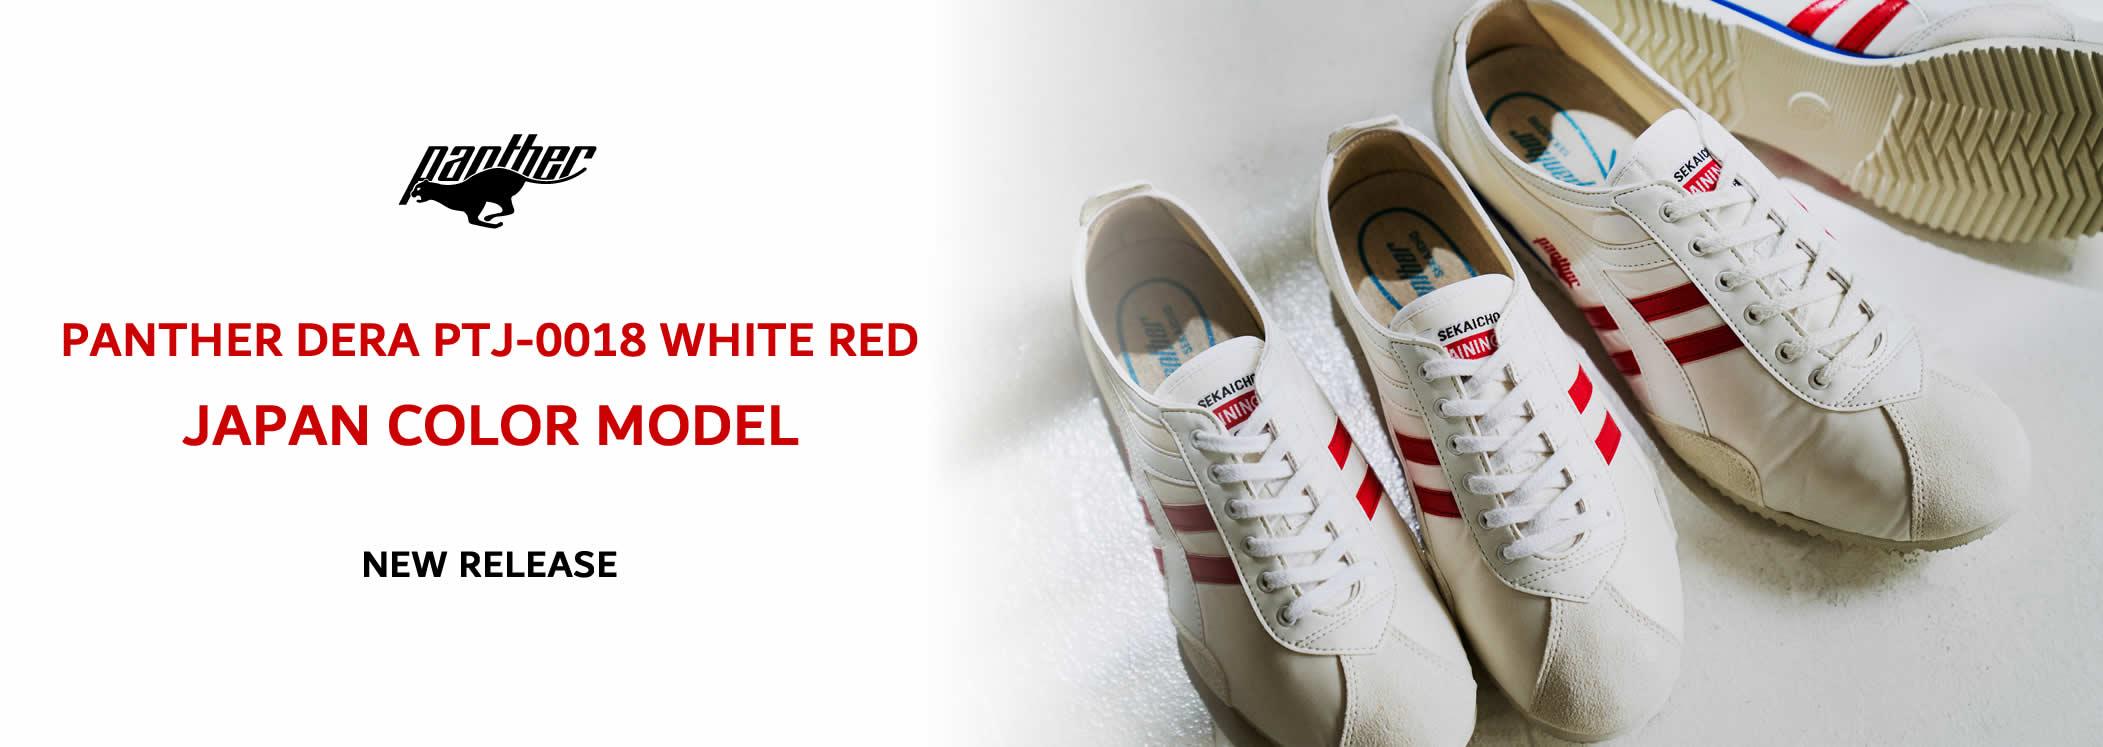 13-panther-dera-ptj-0018-white-red